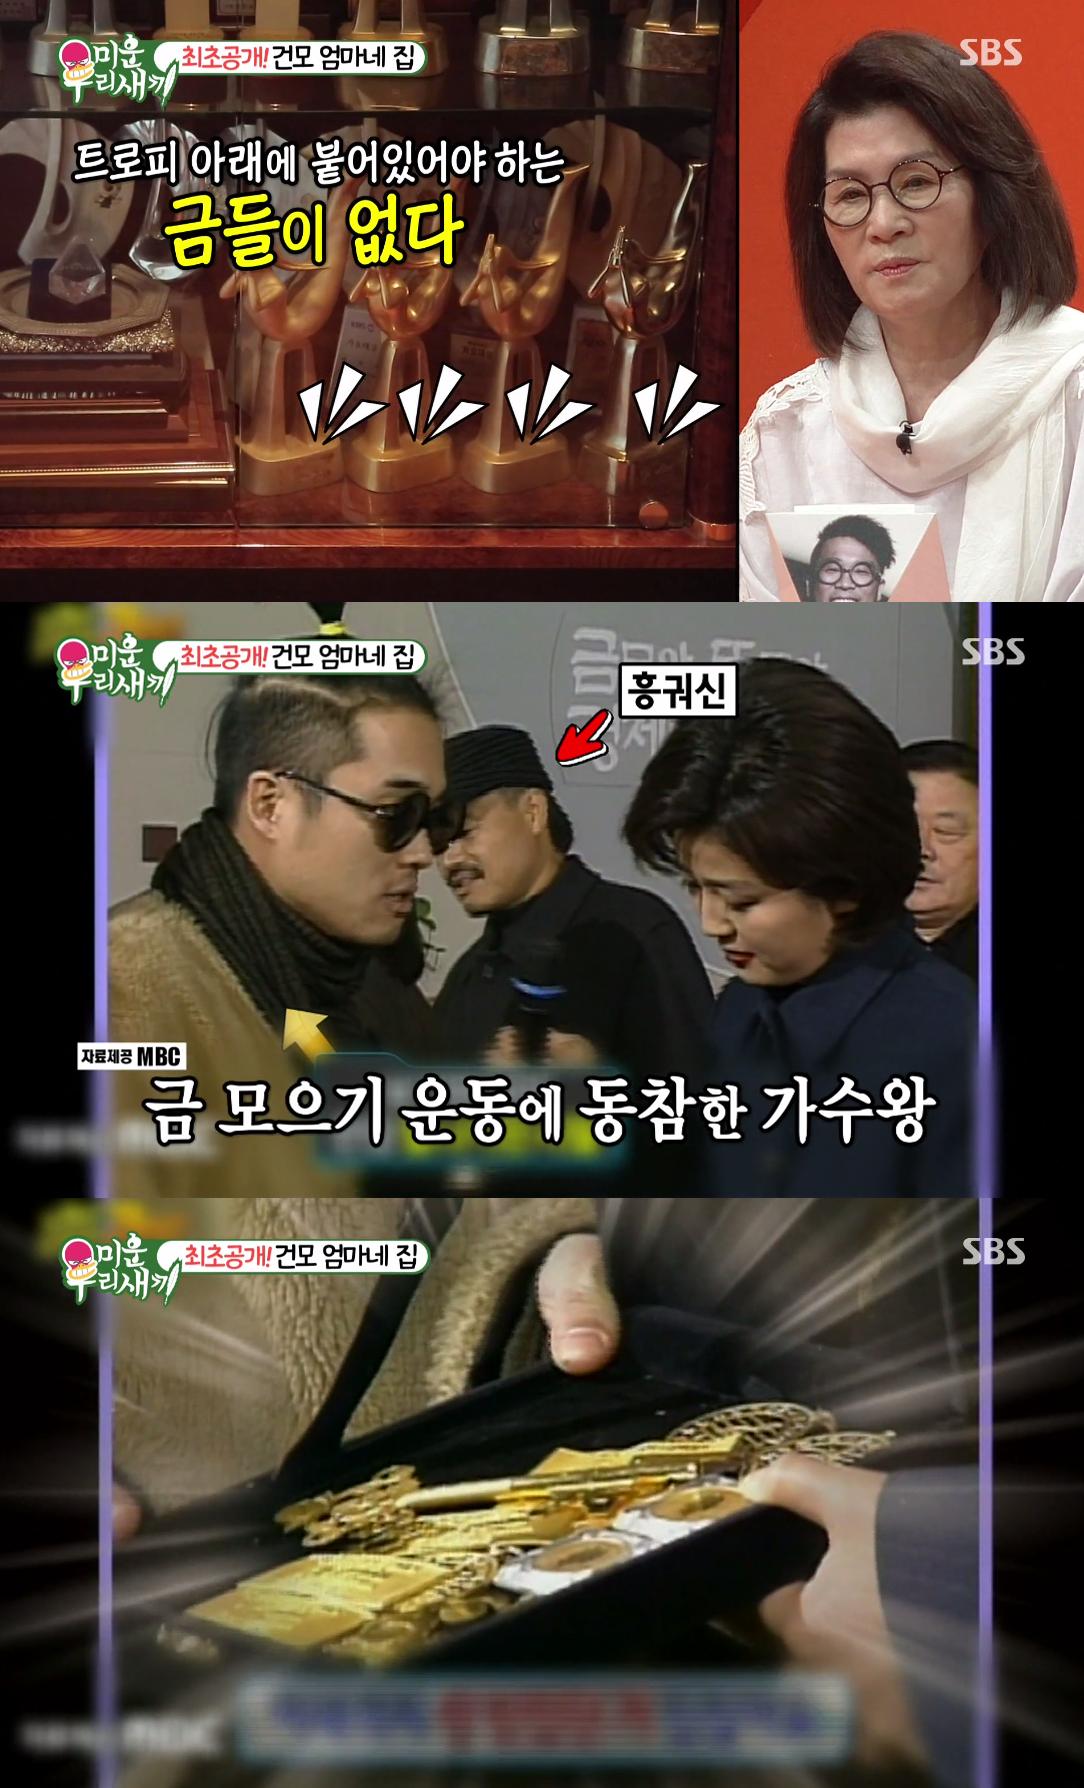 김건모, 상 받은 모든 트로피서 금이 사라진 이유